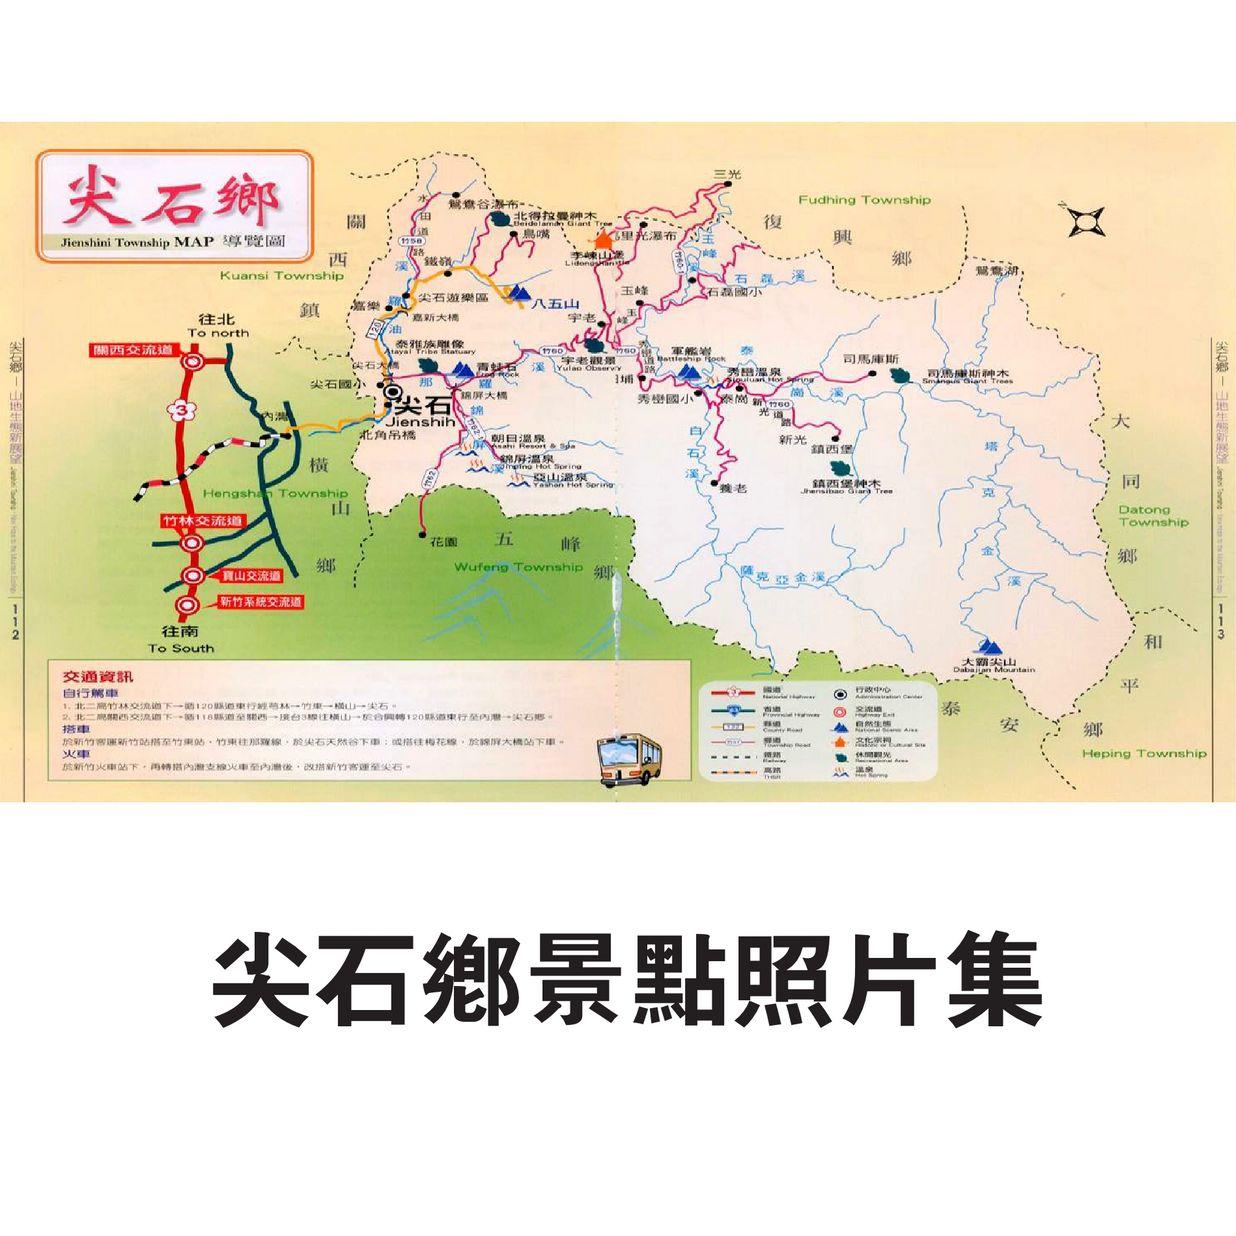 新竹縣尖石鄉景點照片集